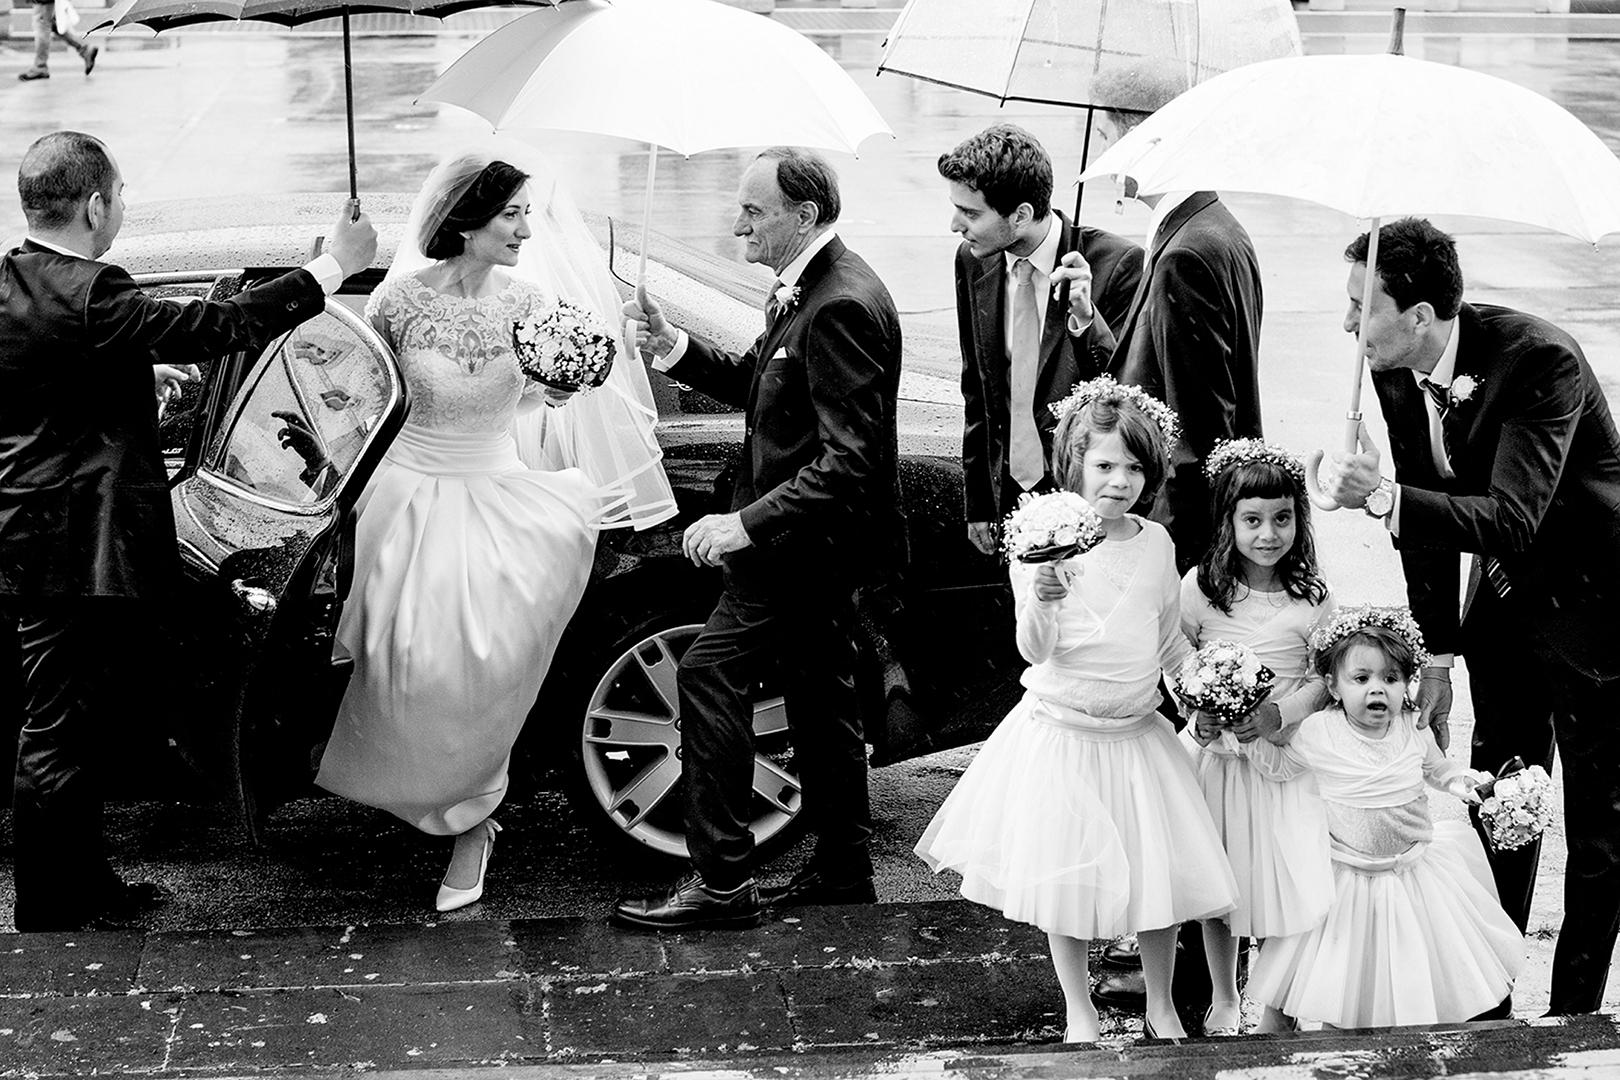 gianni-lepore-arrivo-chiesa-papà-matrimonio-pioggia-ombrello